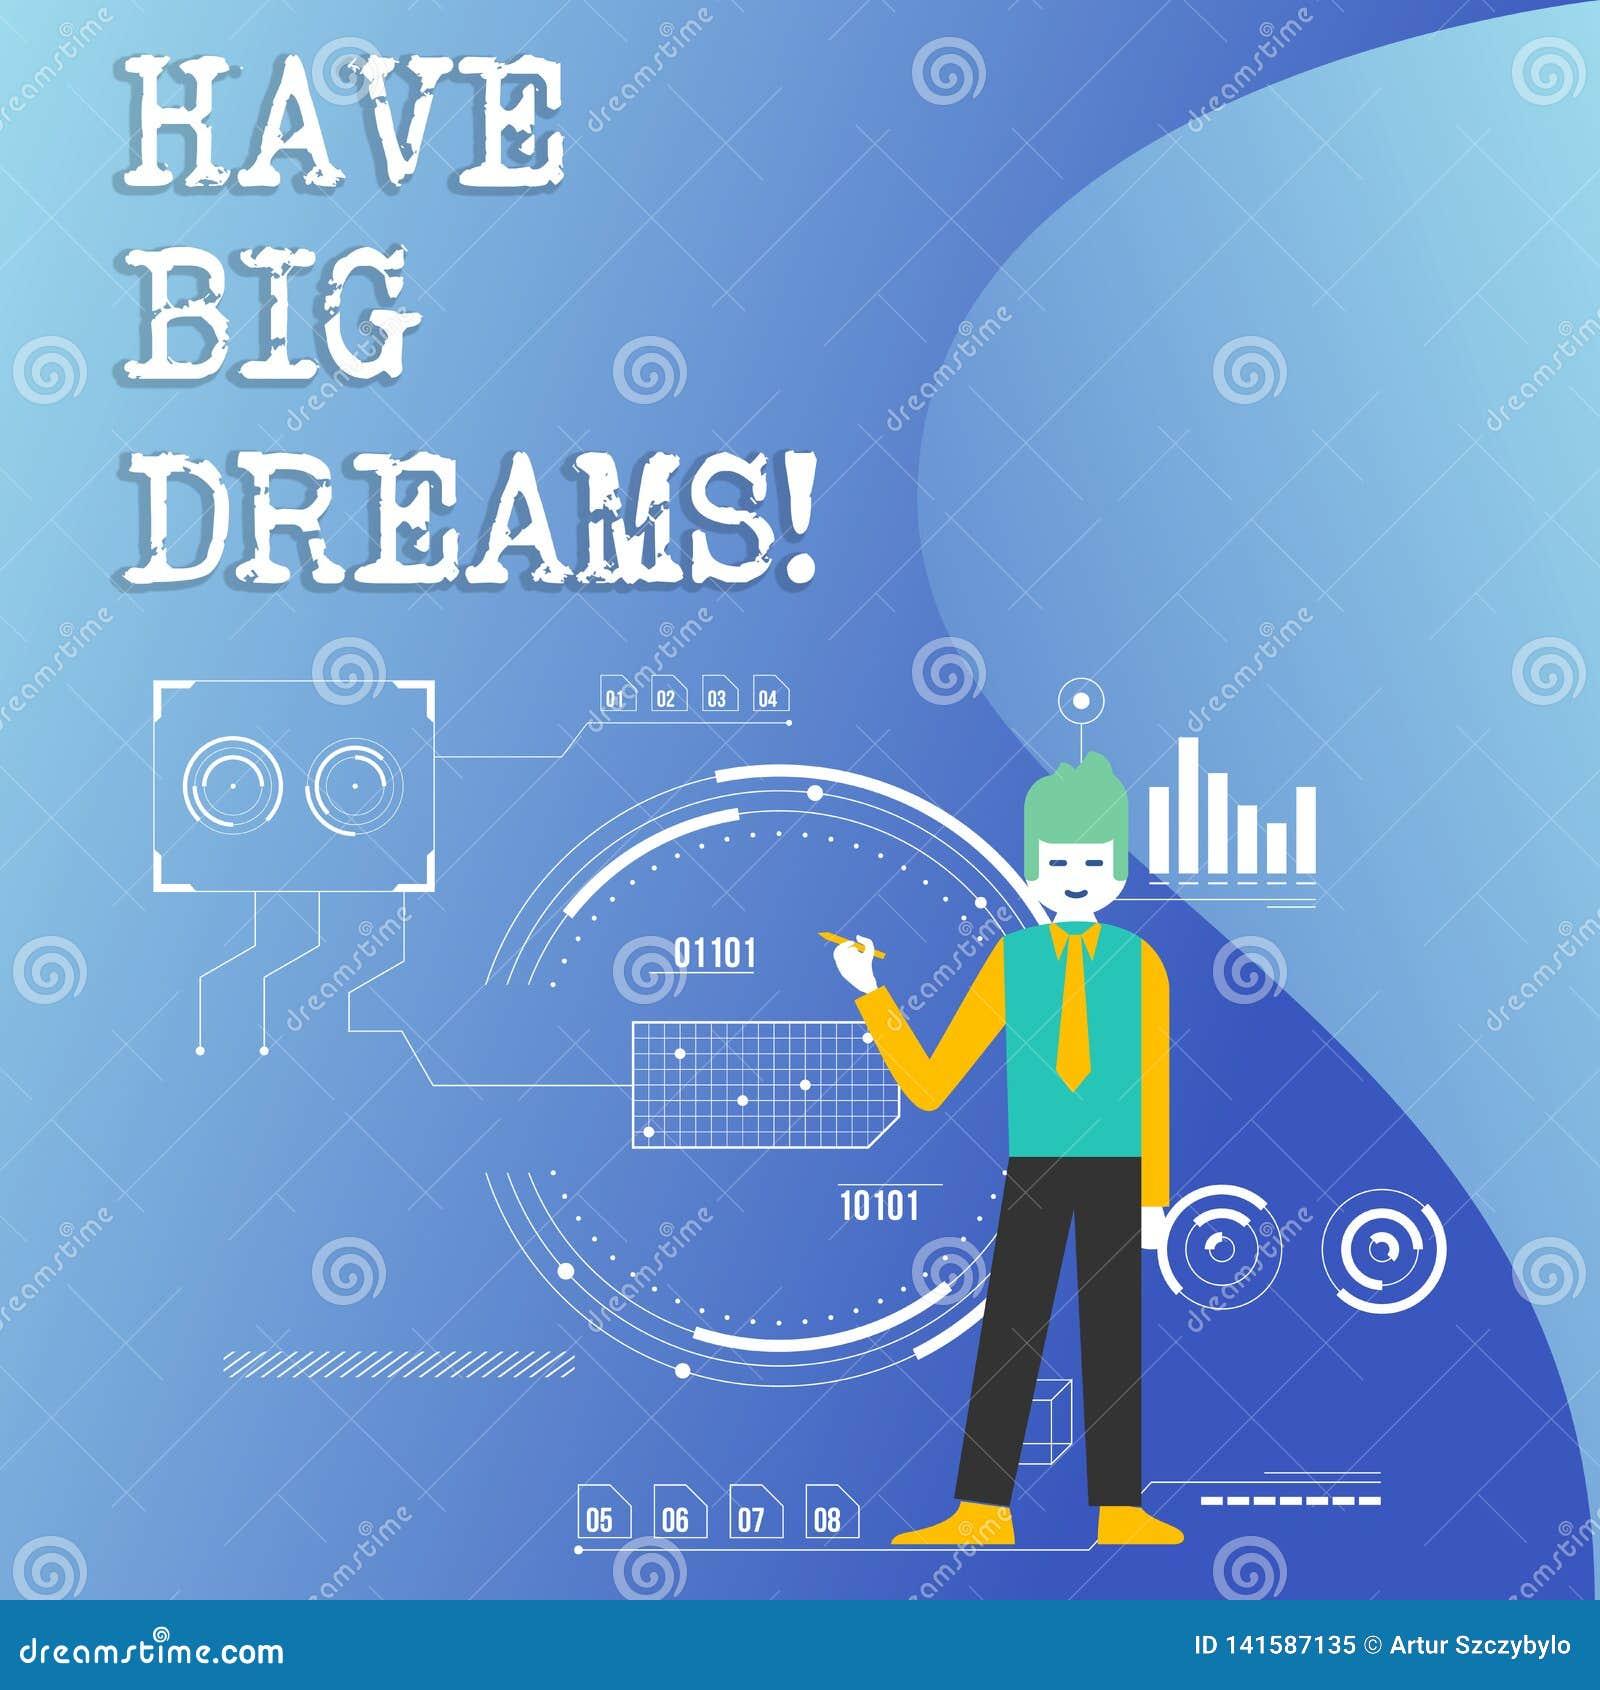 Anmerkungsvertretung schreibend, haben Sie große Träume Geschäftsfoto zur Schau stellender zukünftiger Ehrgeiz Desire Motivation